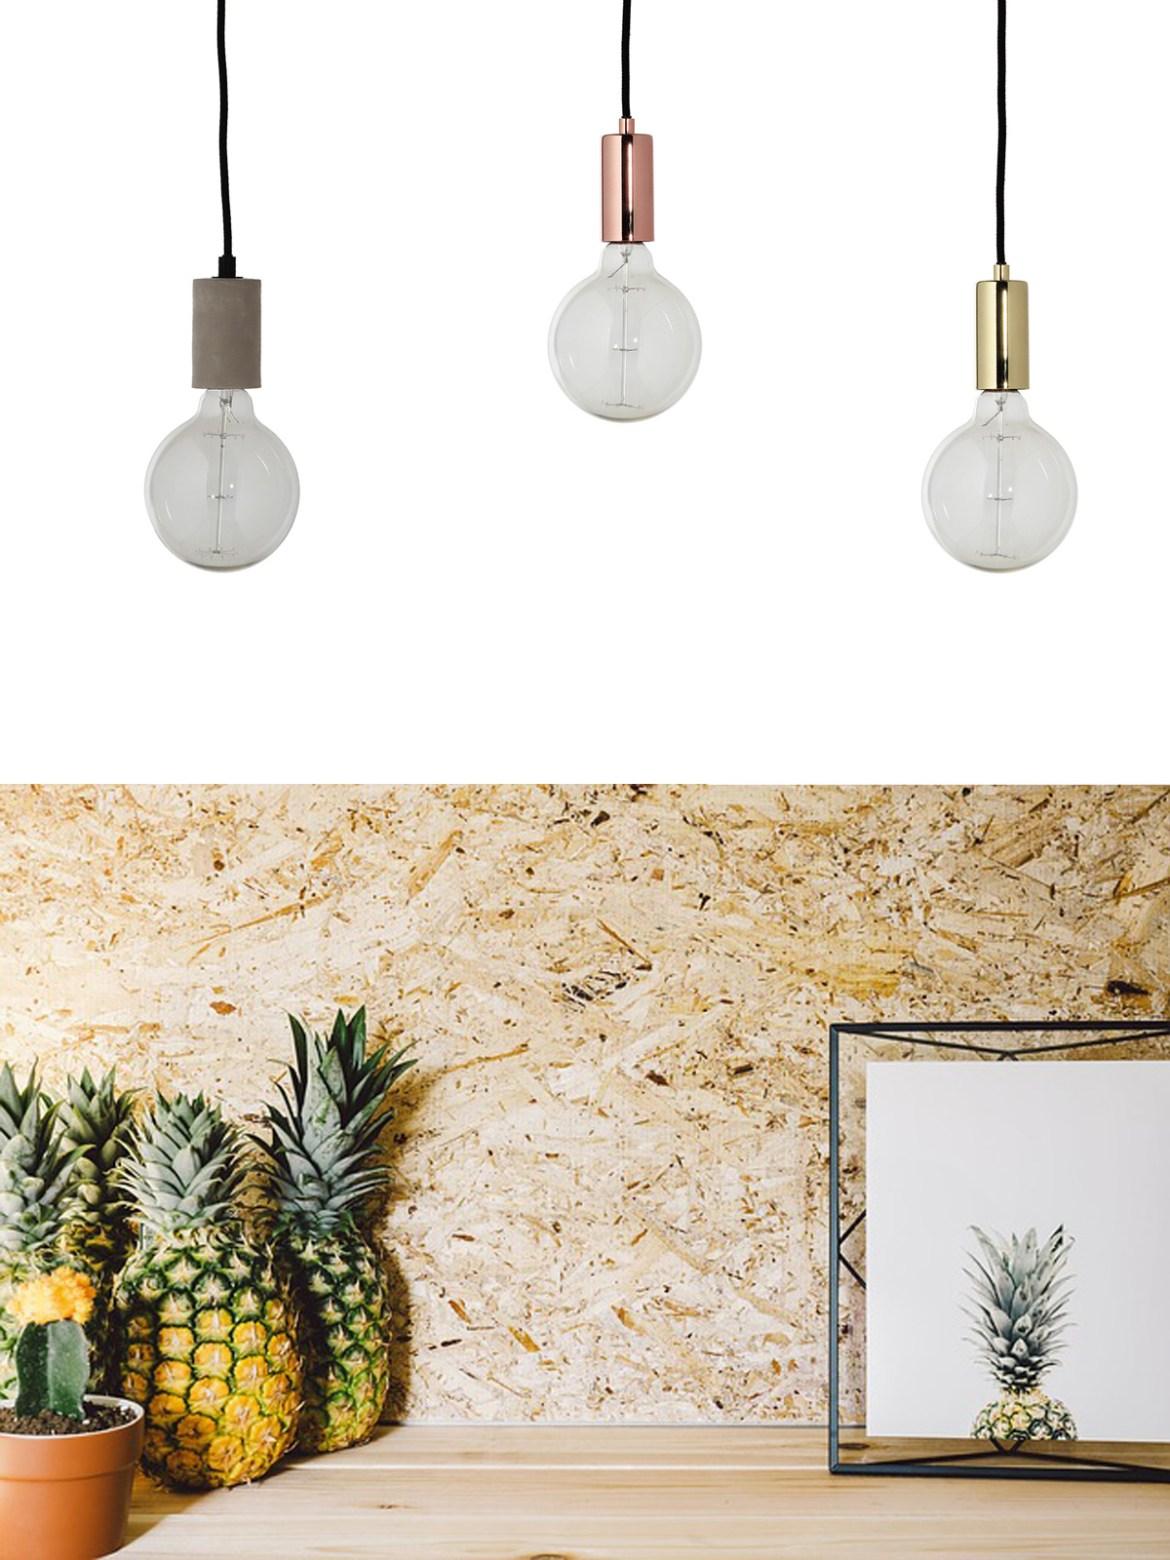 Pendant Bristol von Frandsen im Onlineshop DesignOrt